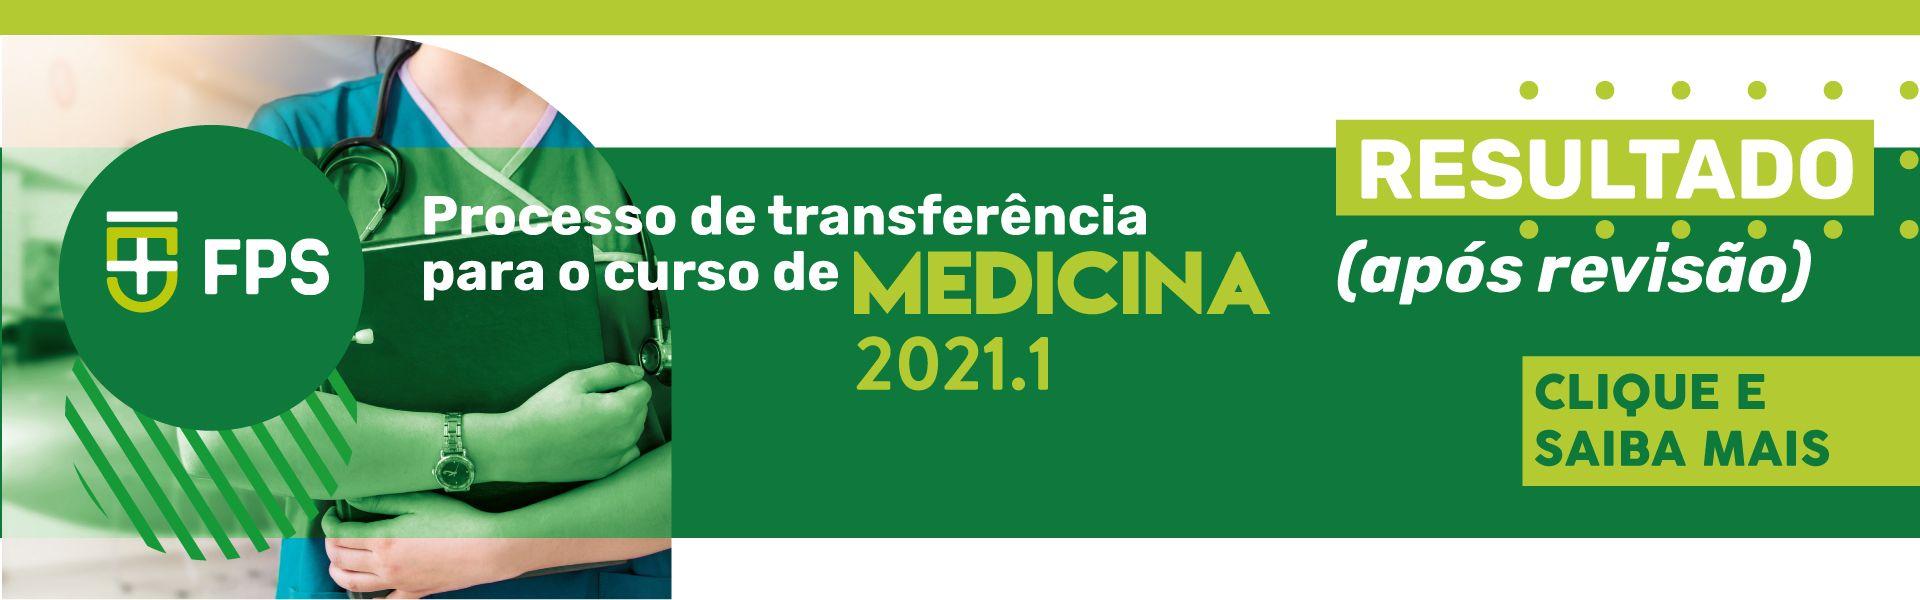 transferência medicina resultado